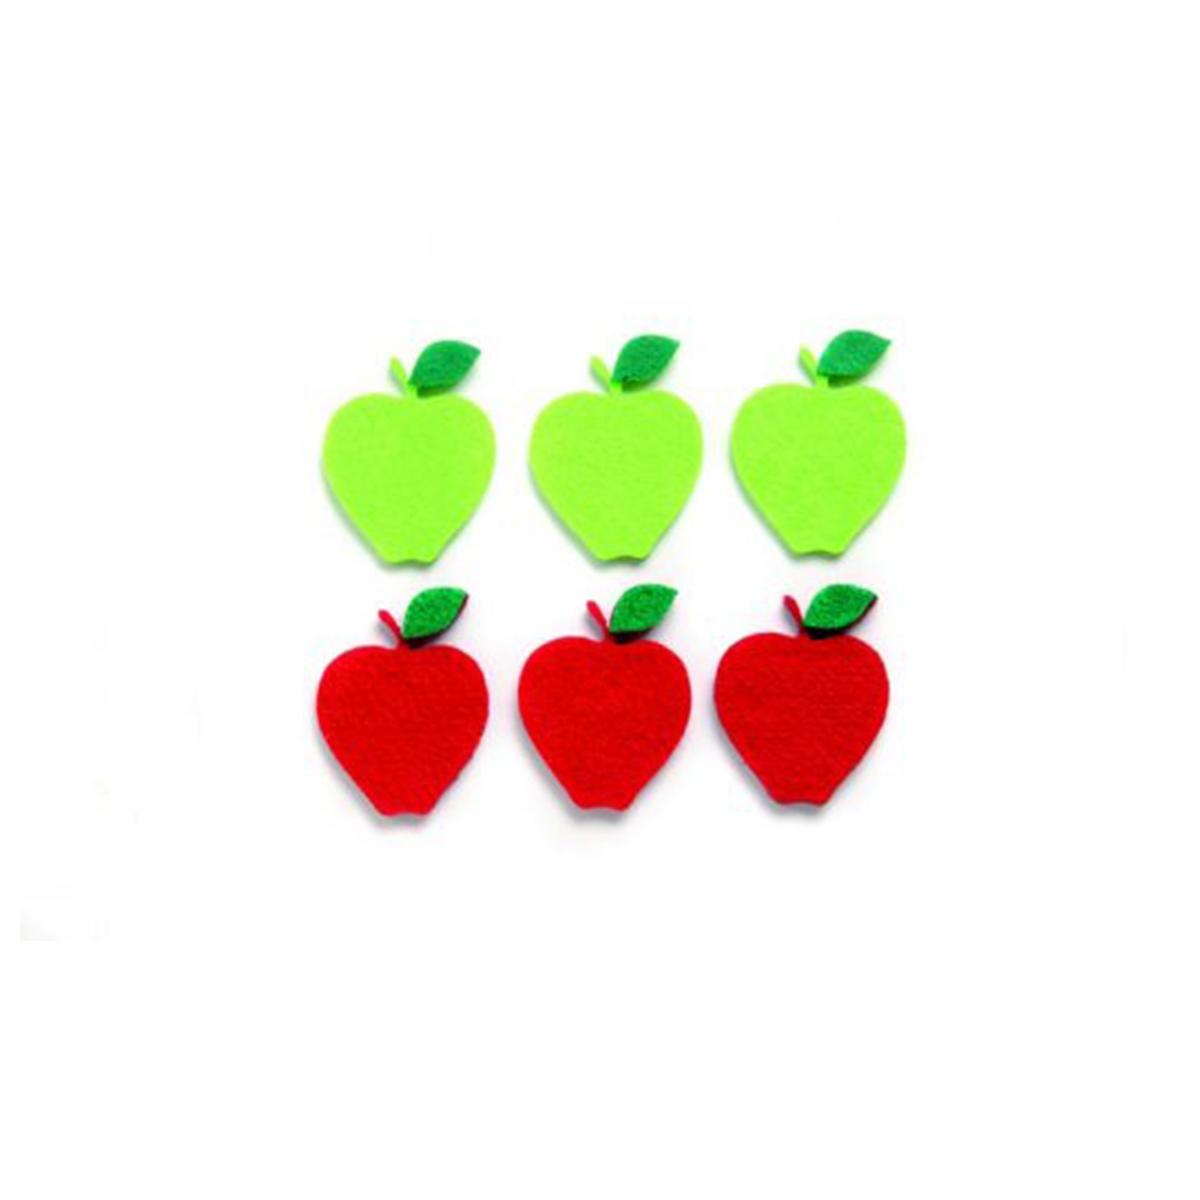 Фигурки из фетра Glorex Яблоки, цвет: красный, зеленый, 4,5 см, 6 шт318690Фетр пользуется большой популярностью среди рукодельниц. Его любят за эстетичный вид, практичность и отличную текстуру. Из данного материала вашему вниманию предлагаются заготовки Glorex. Широкое разнообразие цветов и форм поможет реализовать творческие задумки и гармоничным образом дополнить ваше творение. Из фетра можно создавать обложки для книг, ежедневников, игрушки, декоративные чехлы для подушек и многое, многое другое.